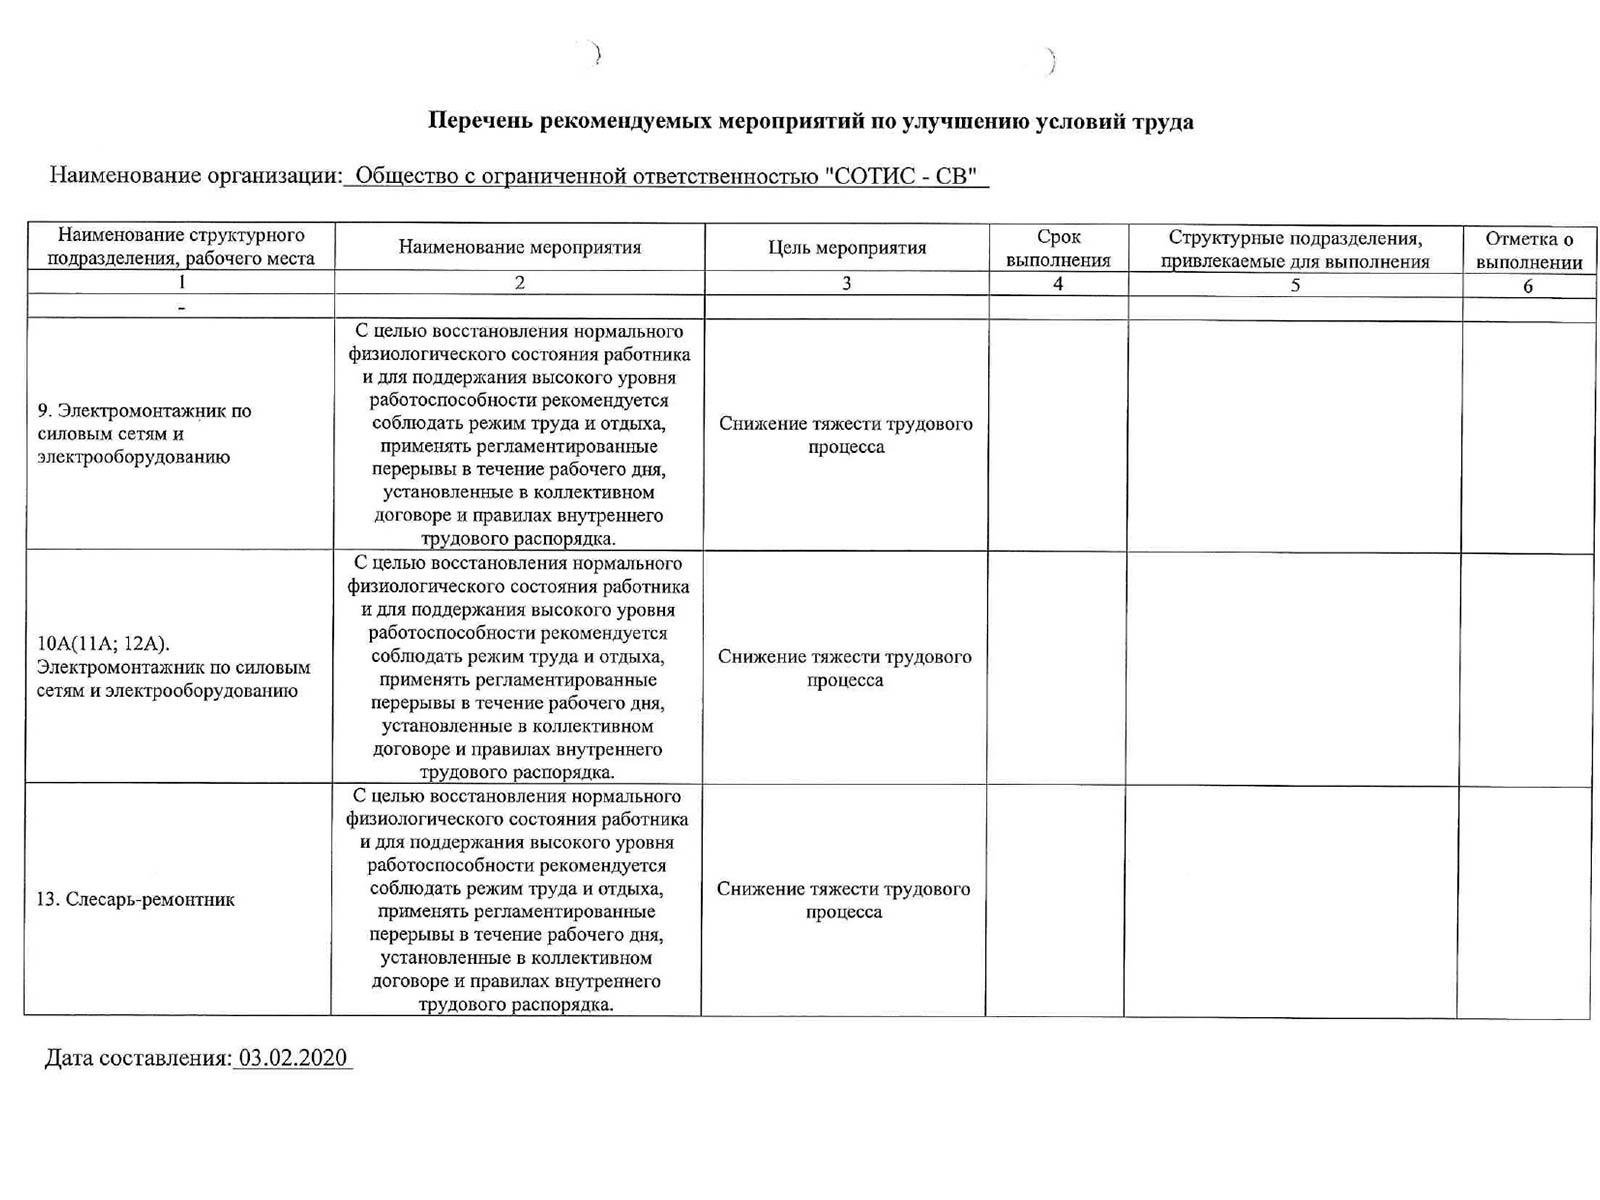 Результаты специальной оценки условий труда 2020г.